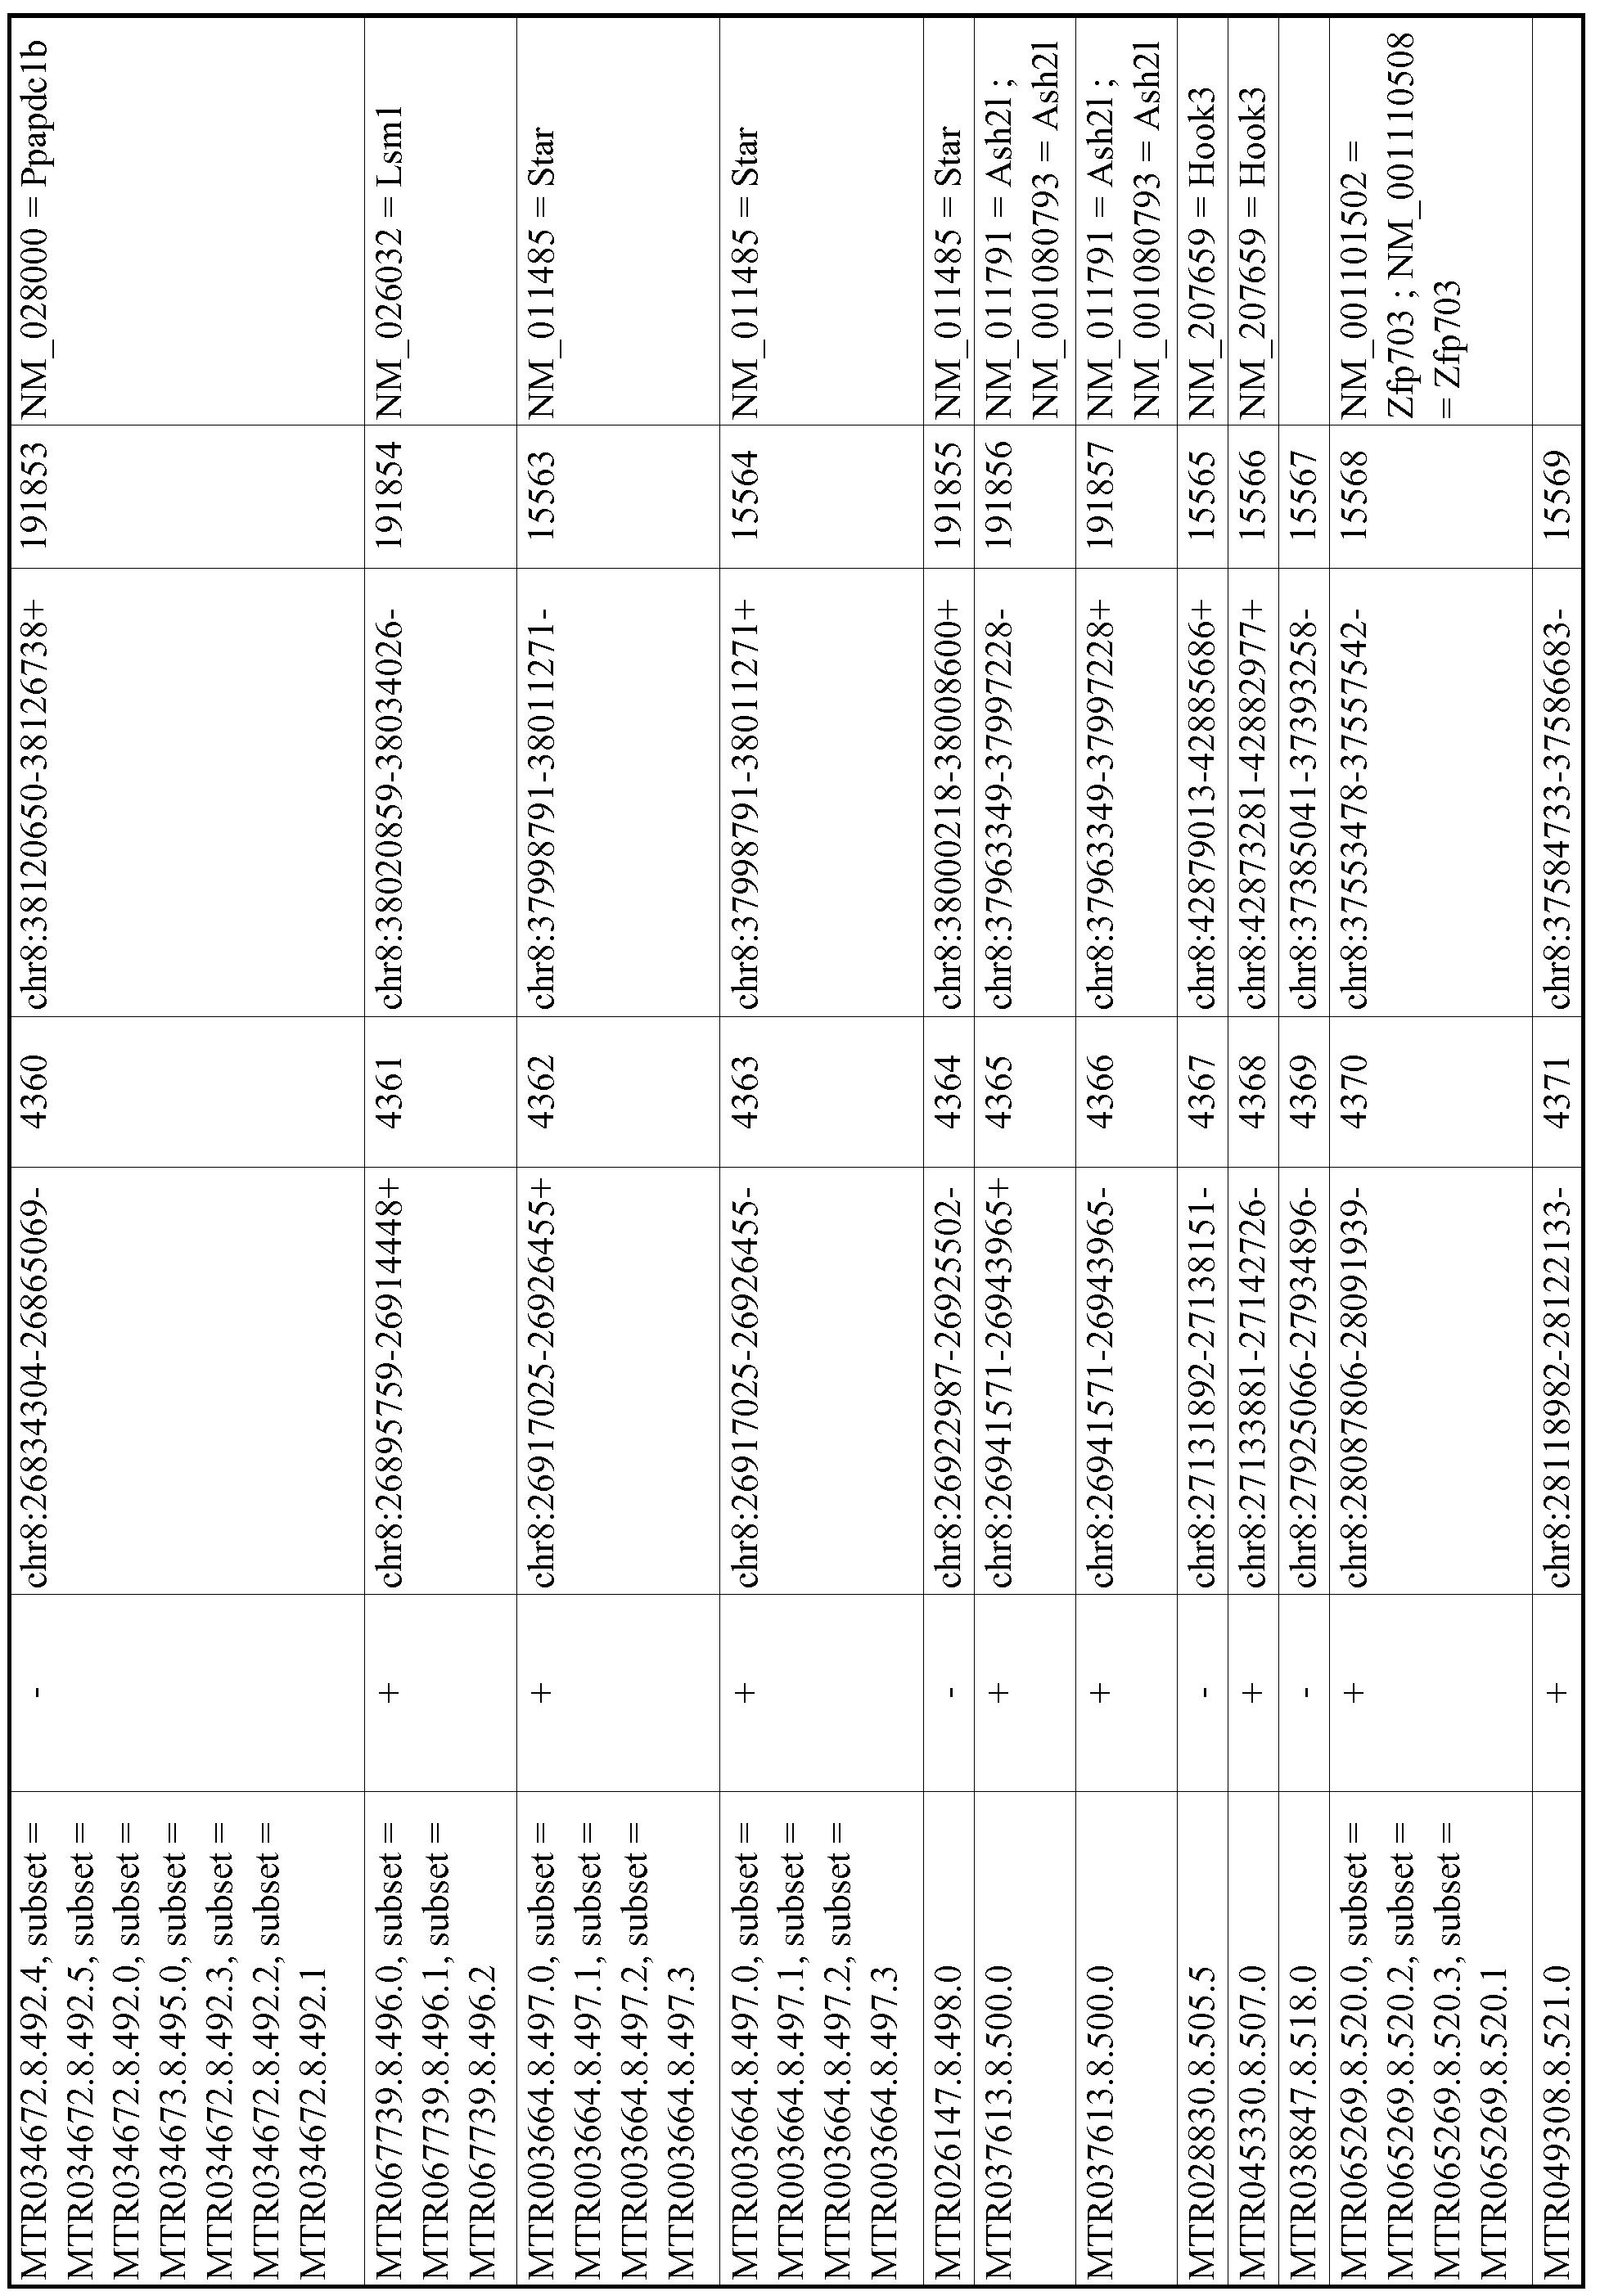 Figure imgf000818_0001